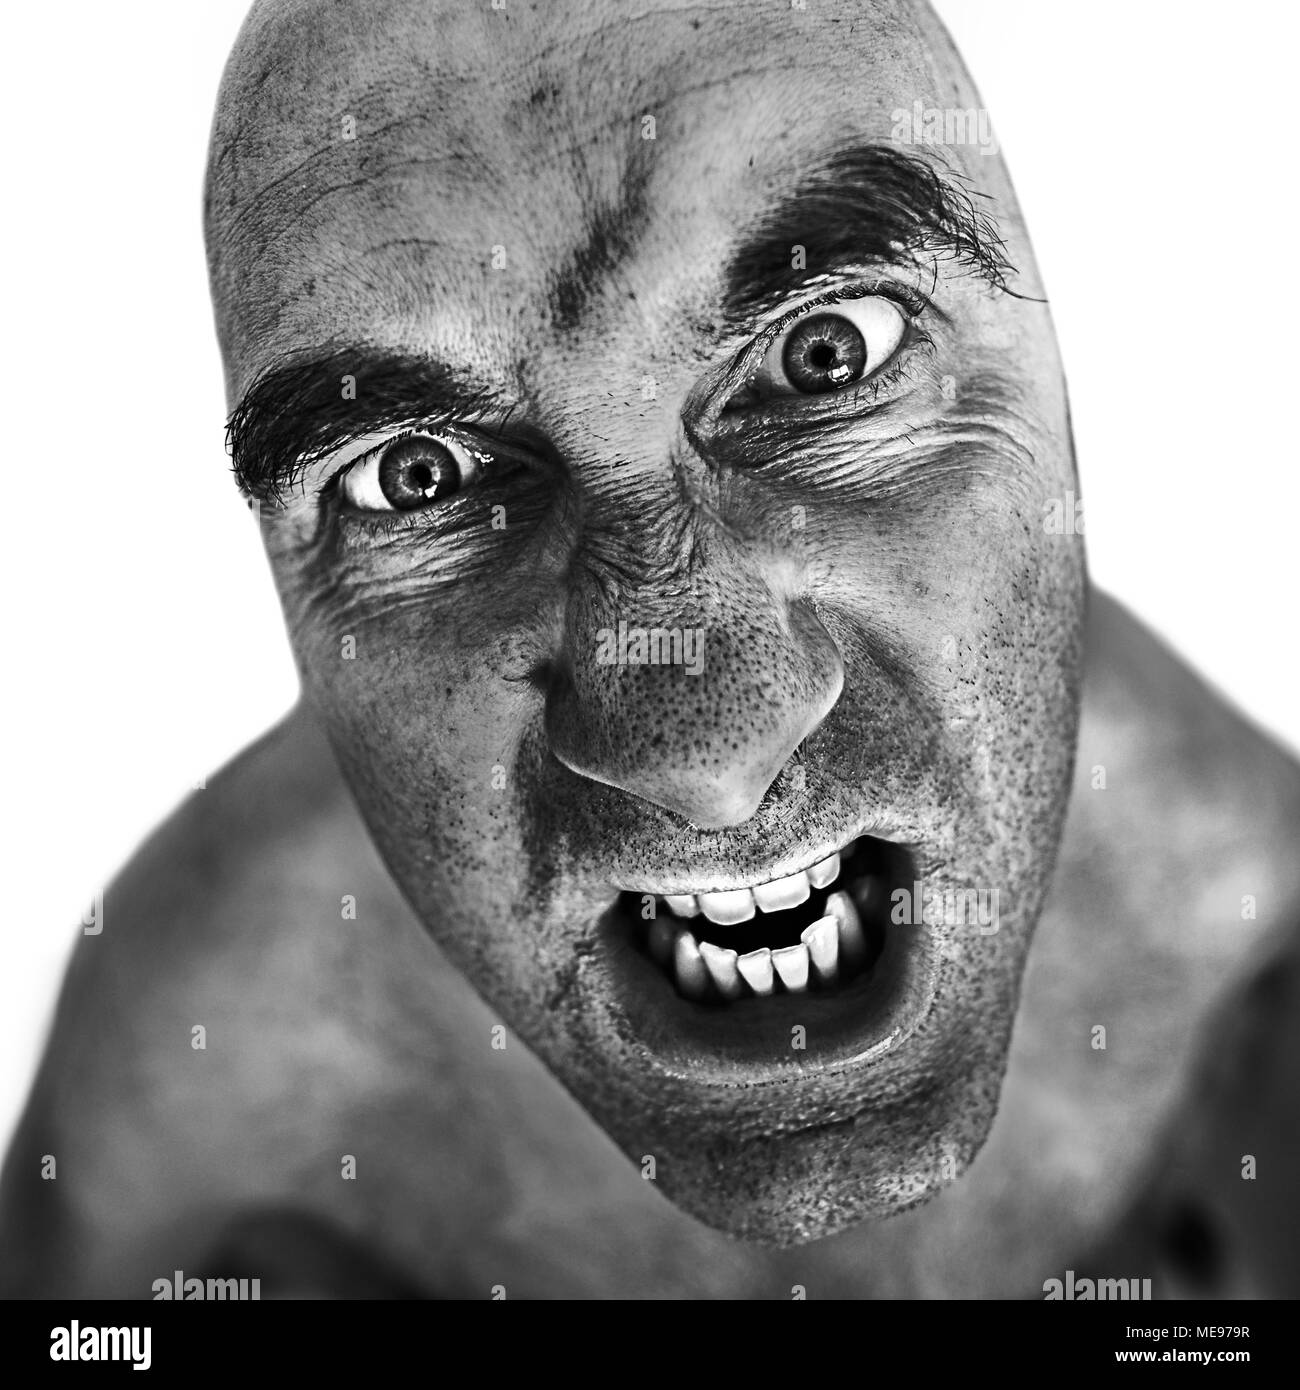 Portrait noir et blanc de mad man traitée à l'aide de l'effet dragan. Photo Stock